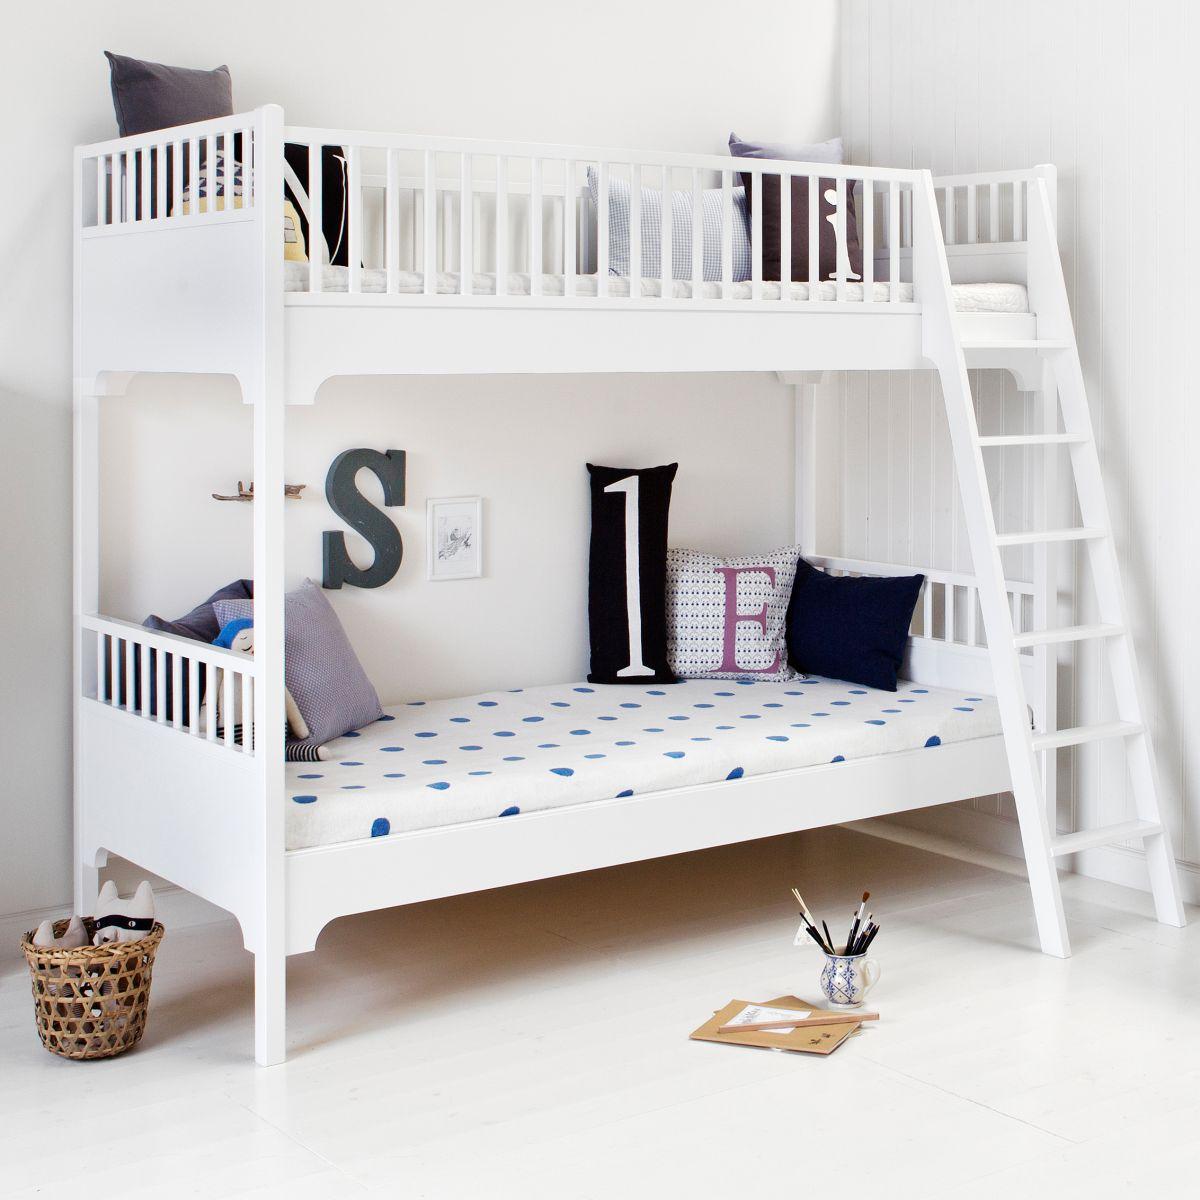 v ningss ng v ningss ngar. Black Bedroom Furniture Sets. Home Design Ideas